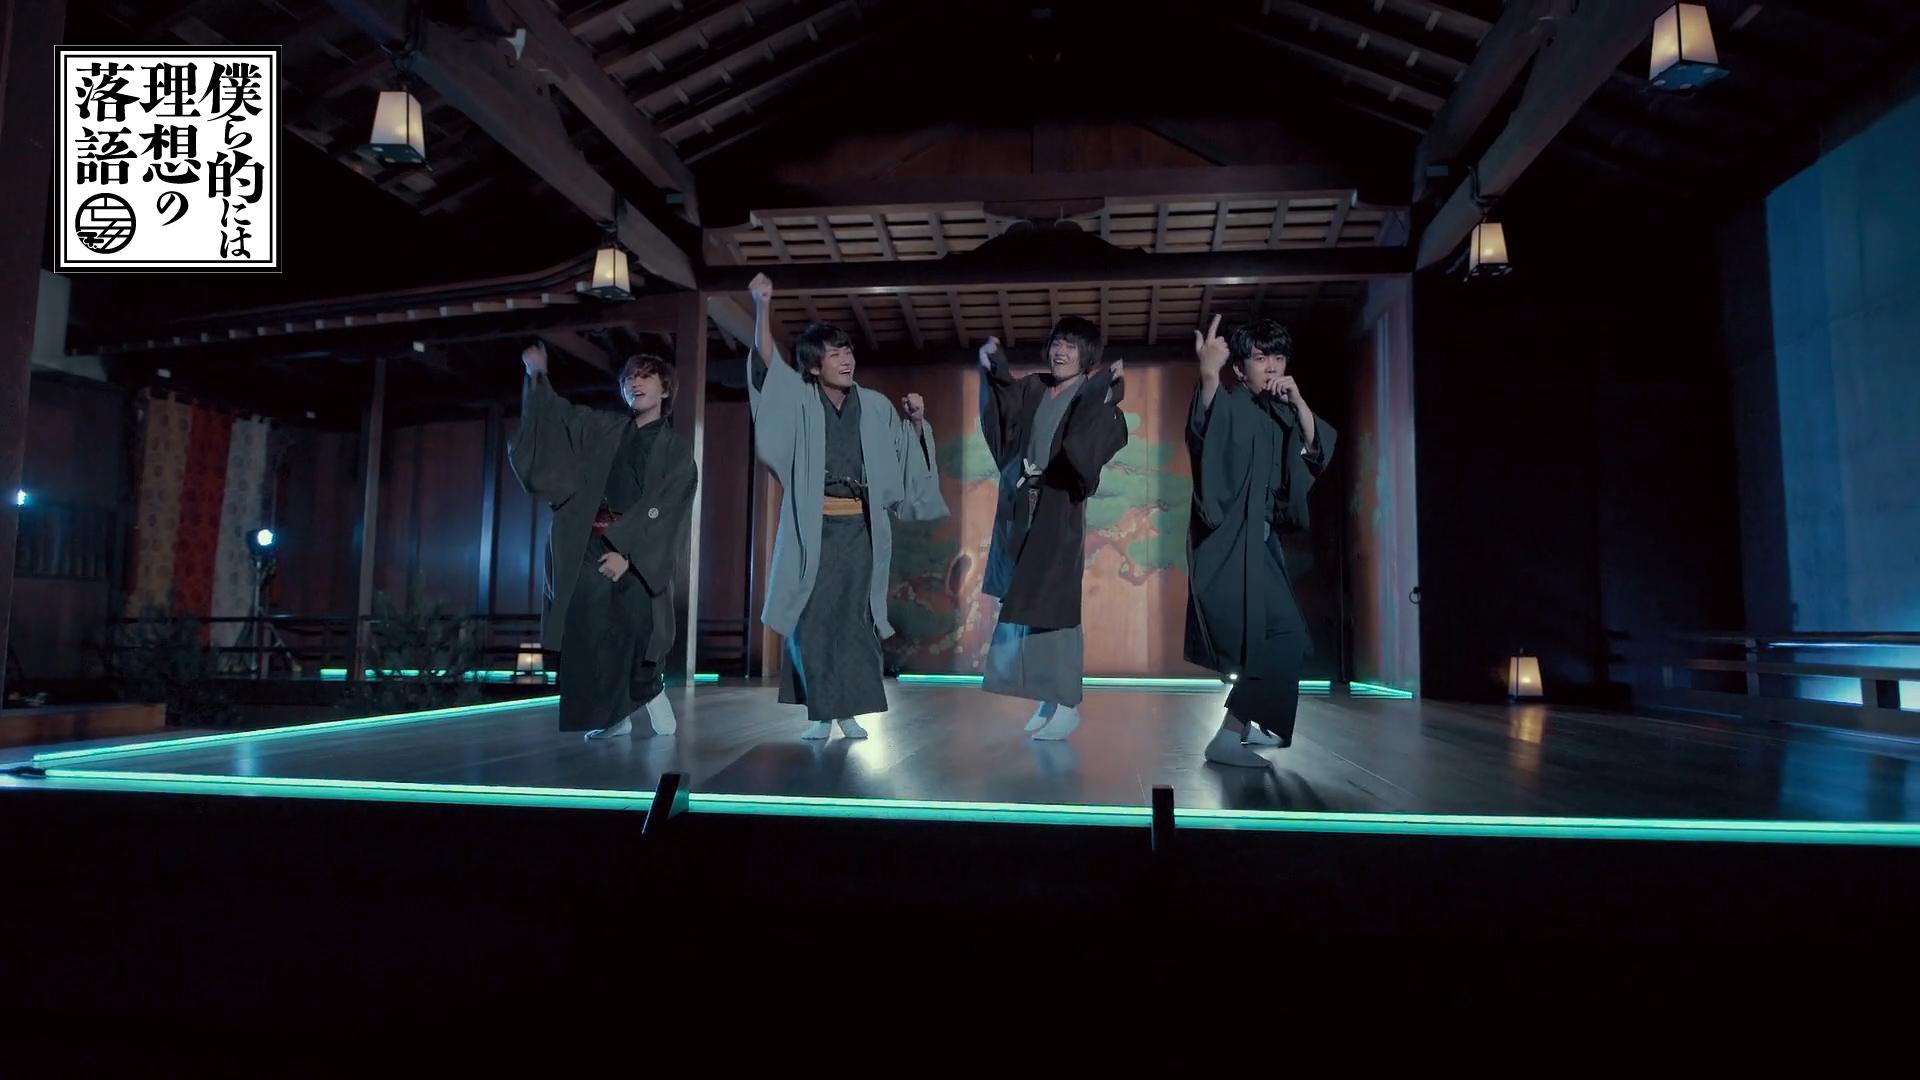 BL×落語の新感覚エンタメTV番組スタート!中島ヨシキさん・伊東健人さんら4人が腐男子噺家を演じる